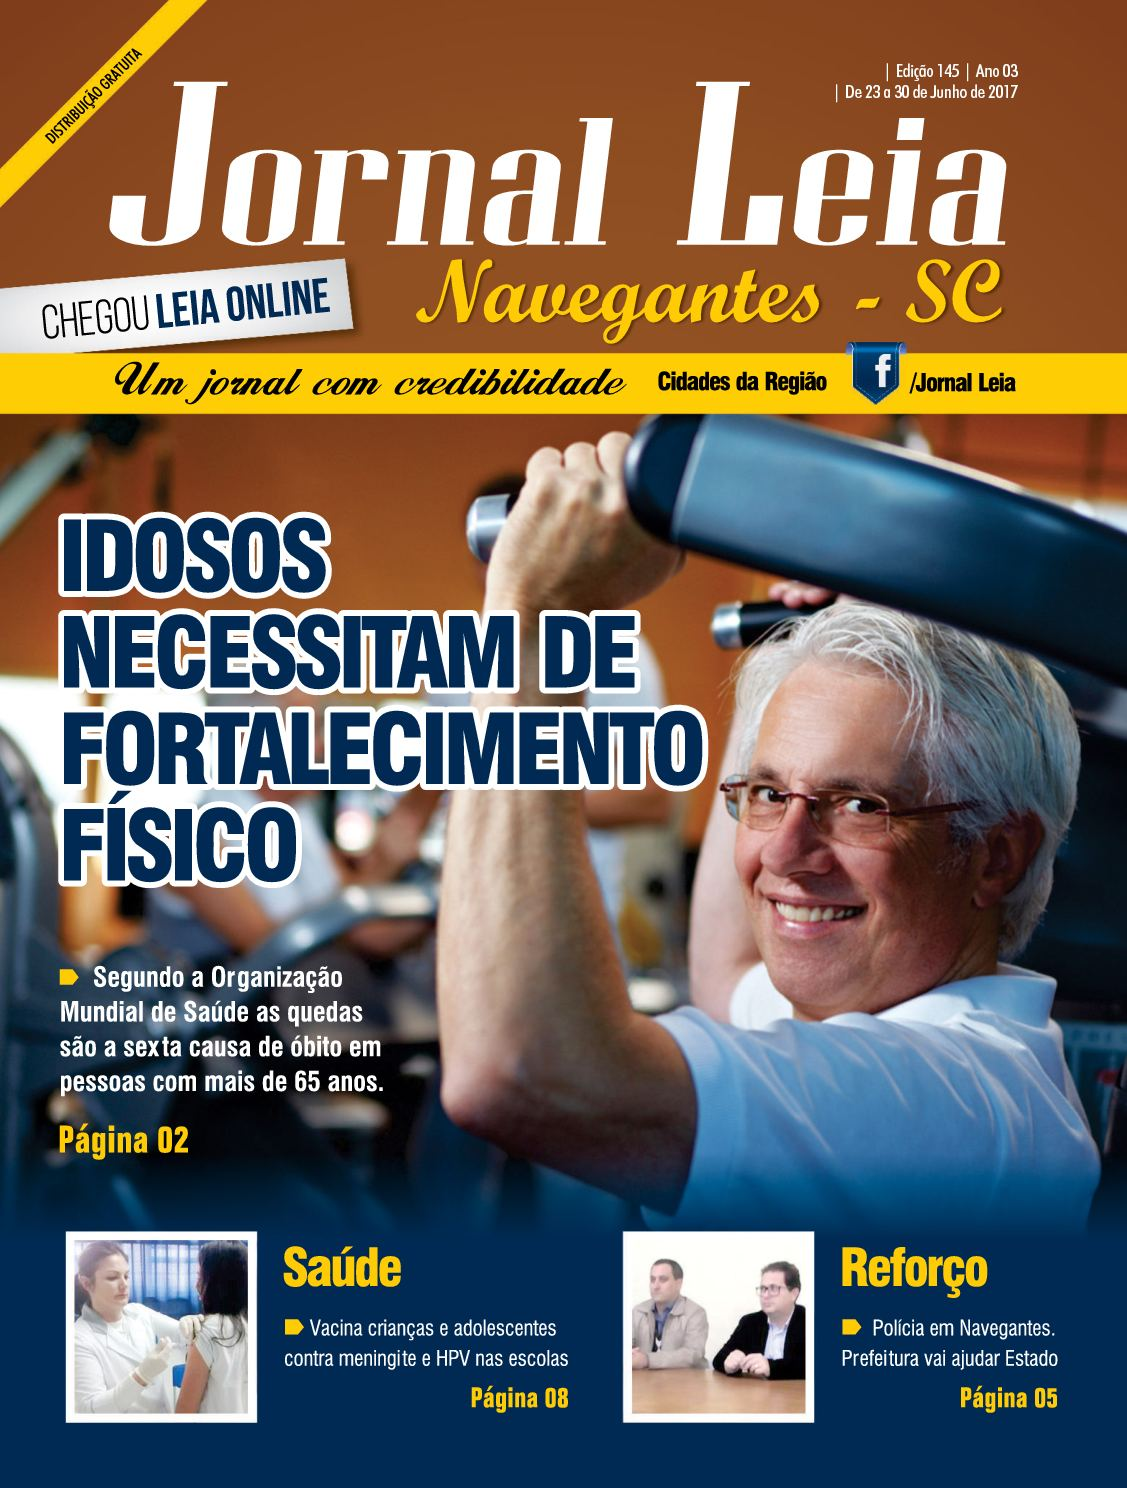 Jornal Leia - Edição Digital #145